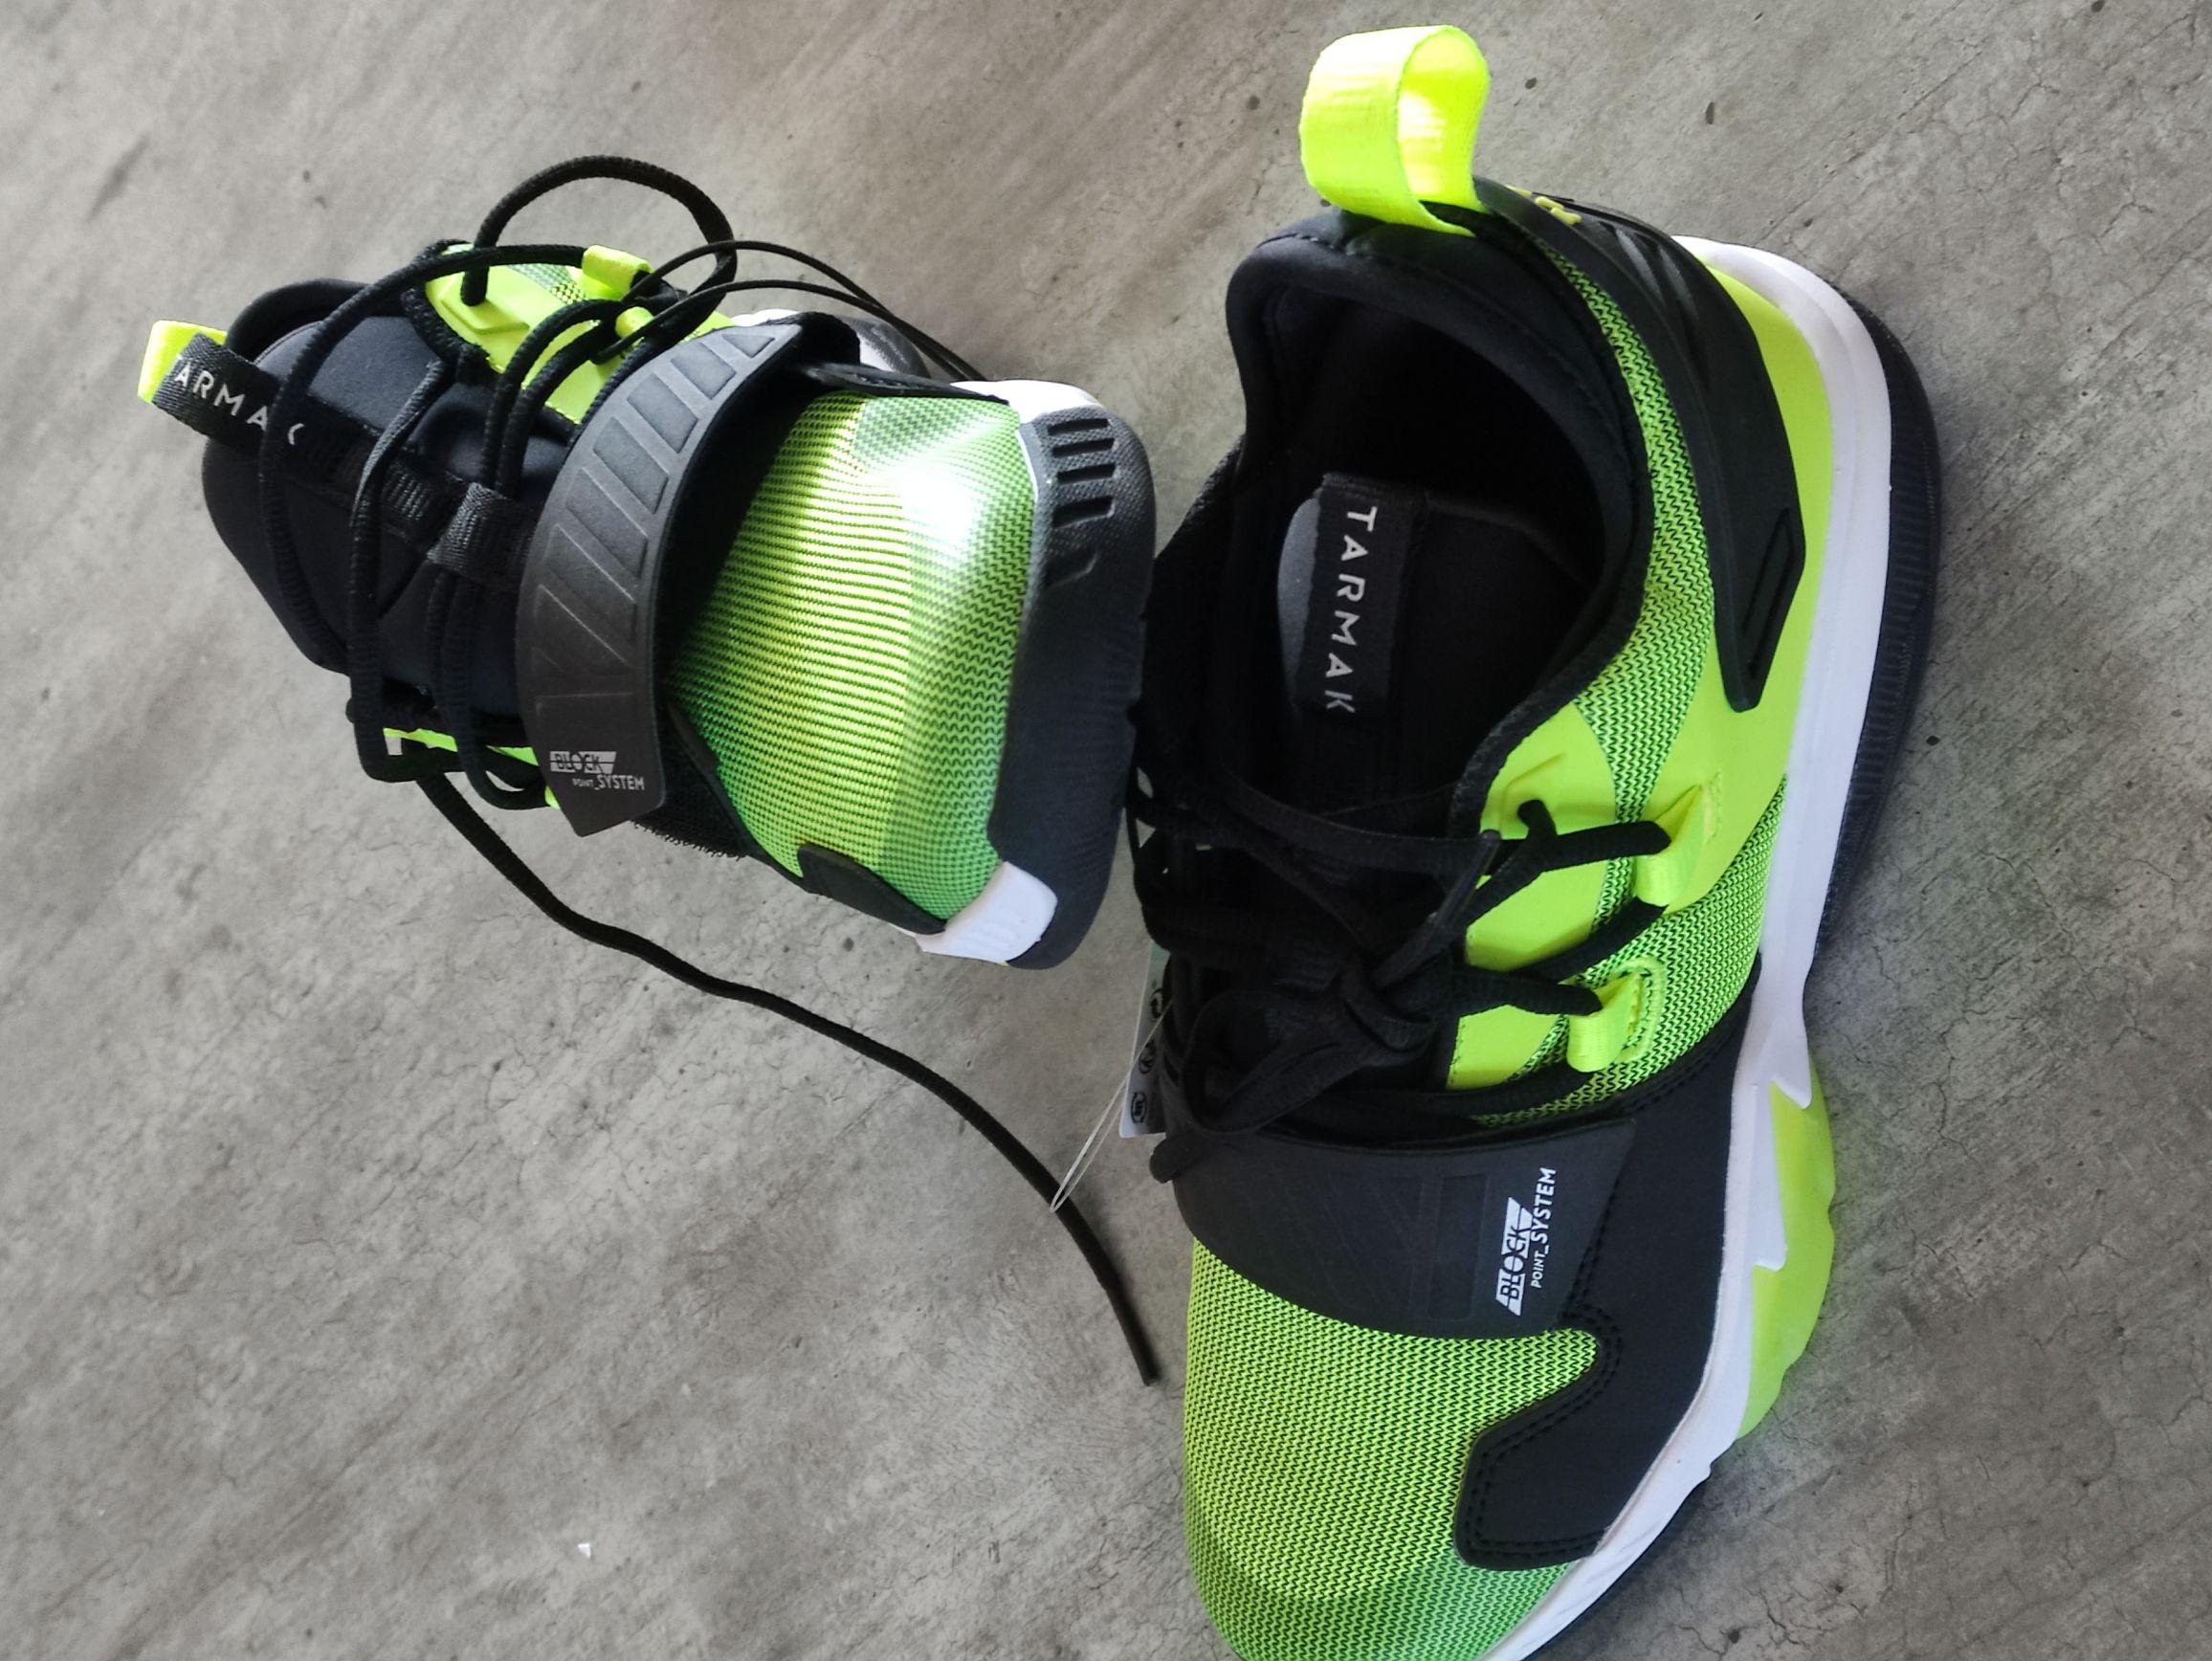 Chaussures de basket-ball pour enfant Tarmak SS500M - jaune ou rouge (du 34 au 37) - Cesson (77)